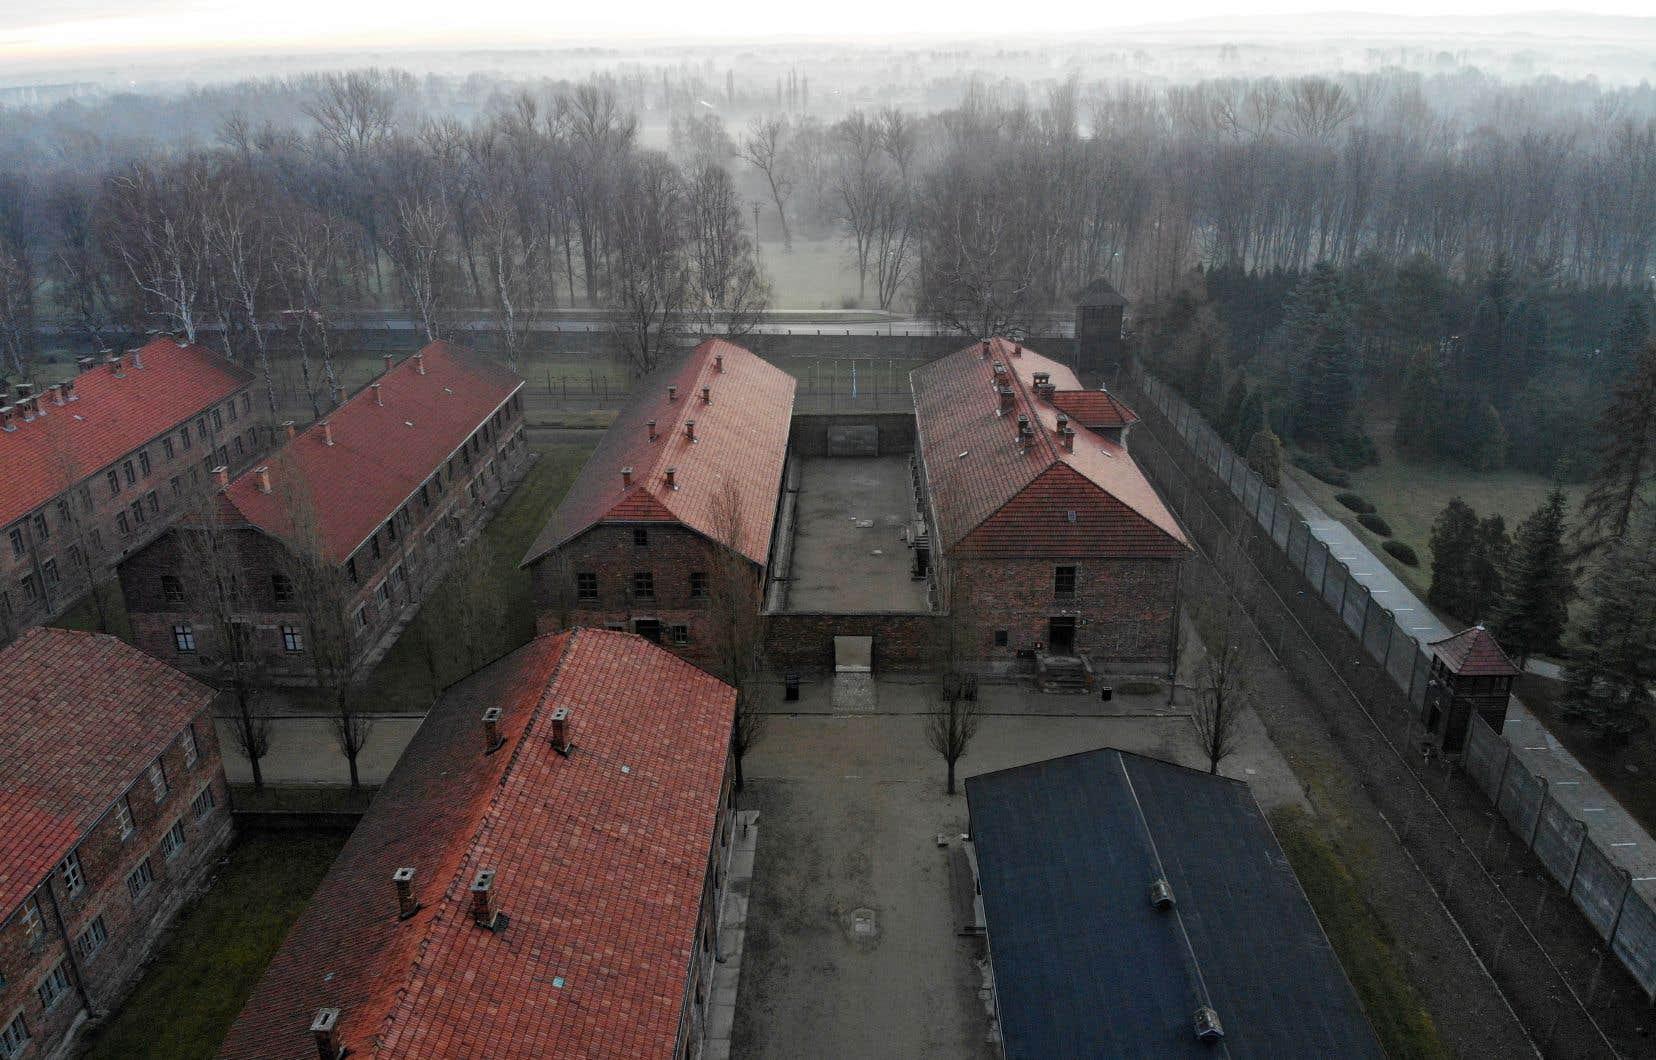 Une photo aérienne prise le 15 décembre 2019 à Oświęcim, en Pologne, montre une vue des bâtiments d'Auschwitz I, qui faisait partie de l'ancien camp d'extermination nazi allemand d'Auschwitz-Birkenau.